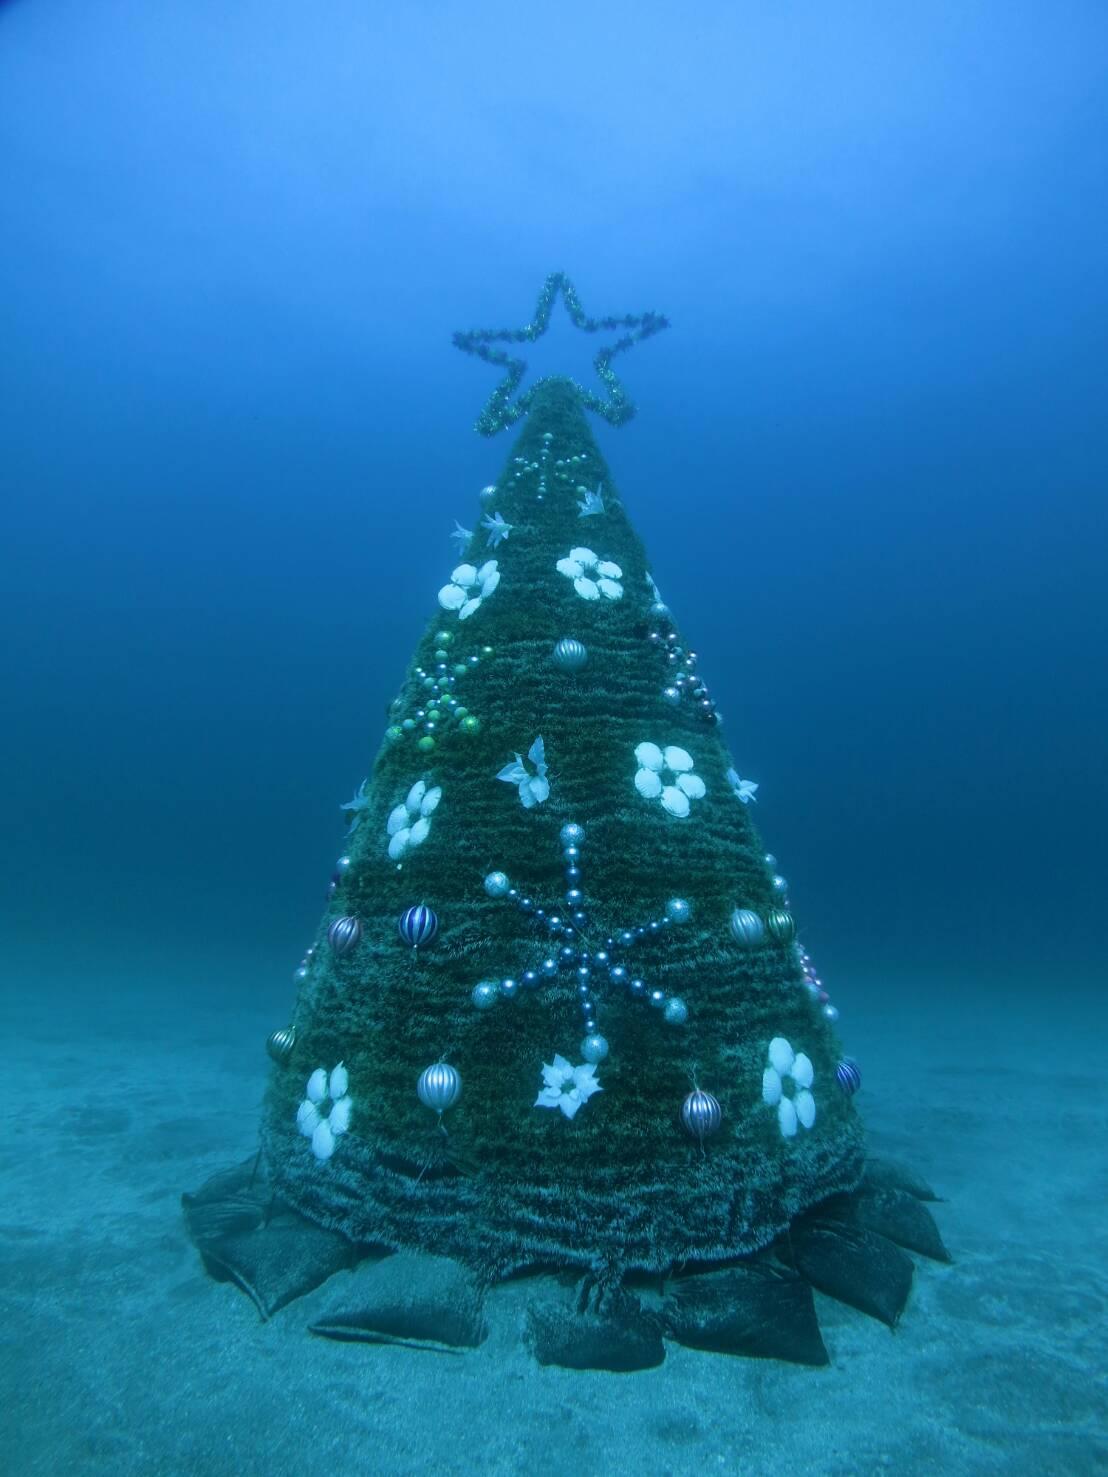 陸も水中もクリスマスですね〜(^^)